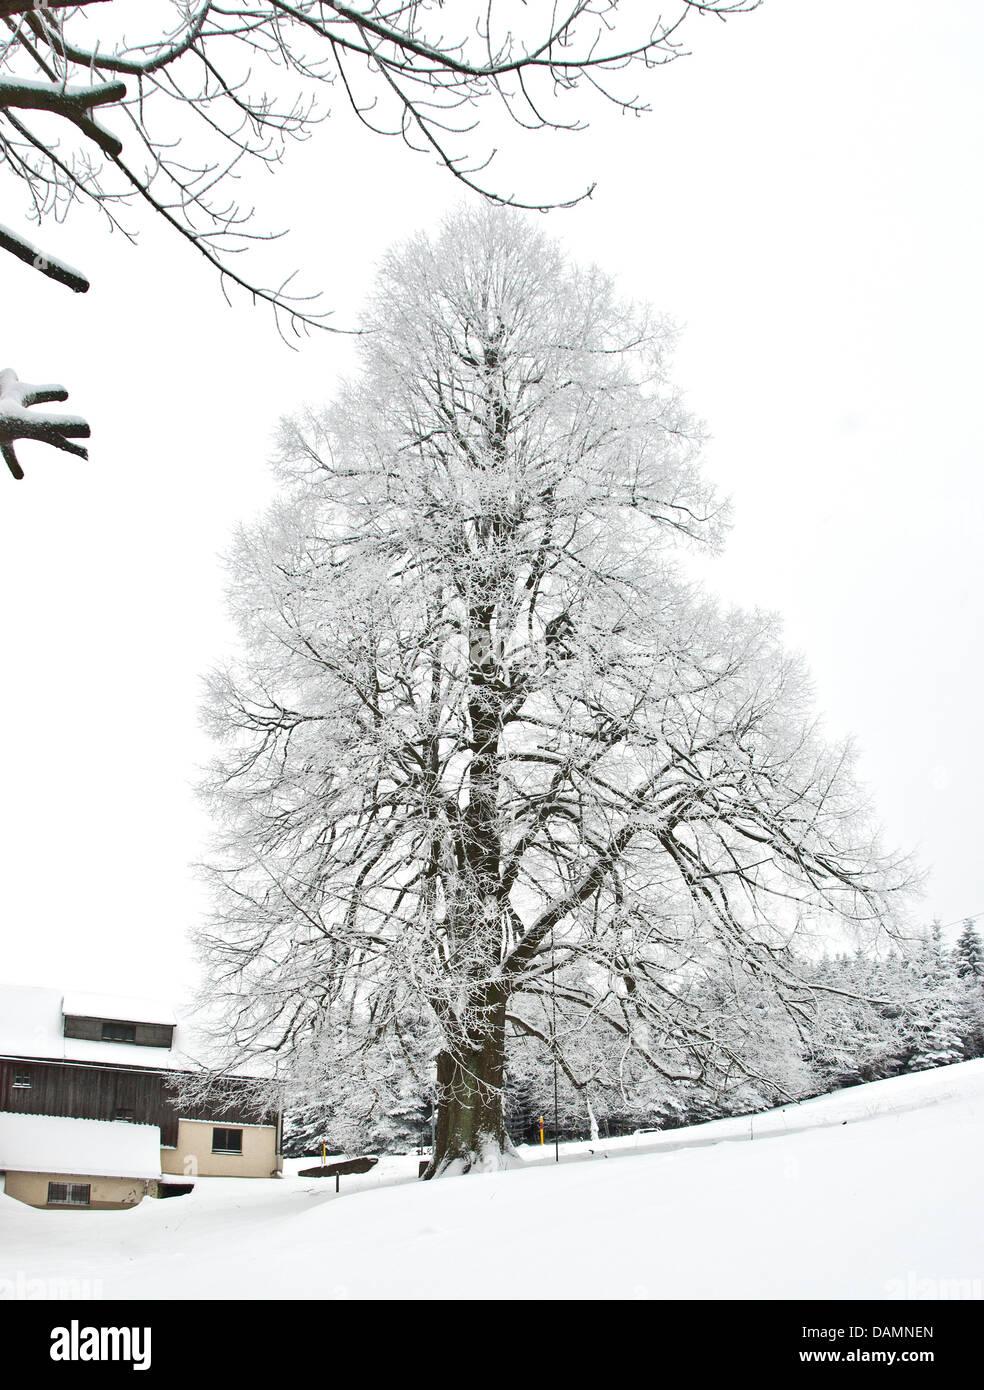 small-leaved lime, littleleaf linden, little-leaf linden (Tilia cordata), single tree in winter, Germany, Saxony - Stock Image